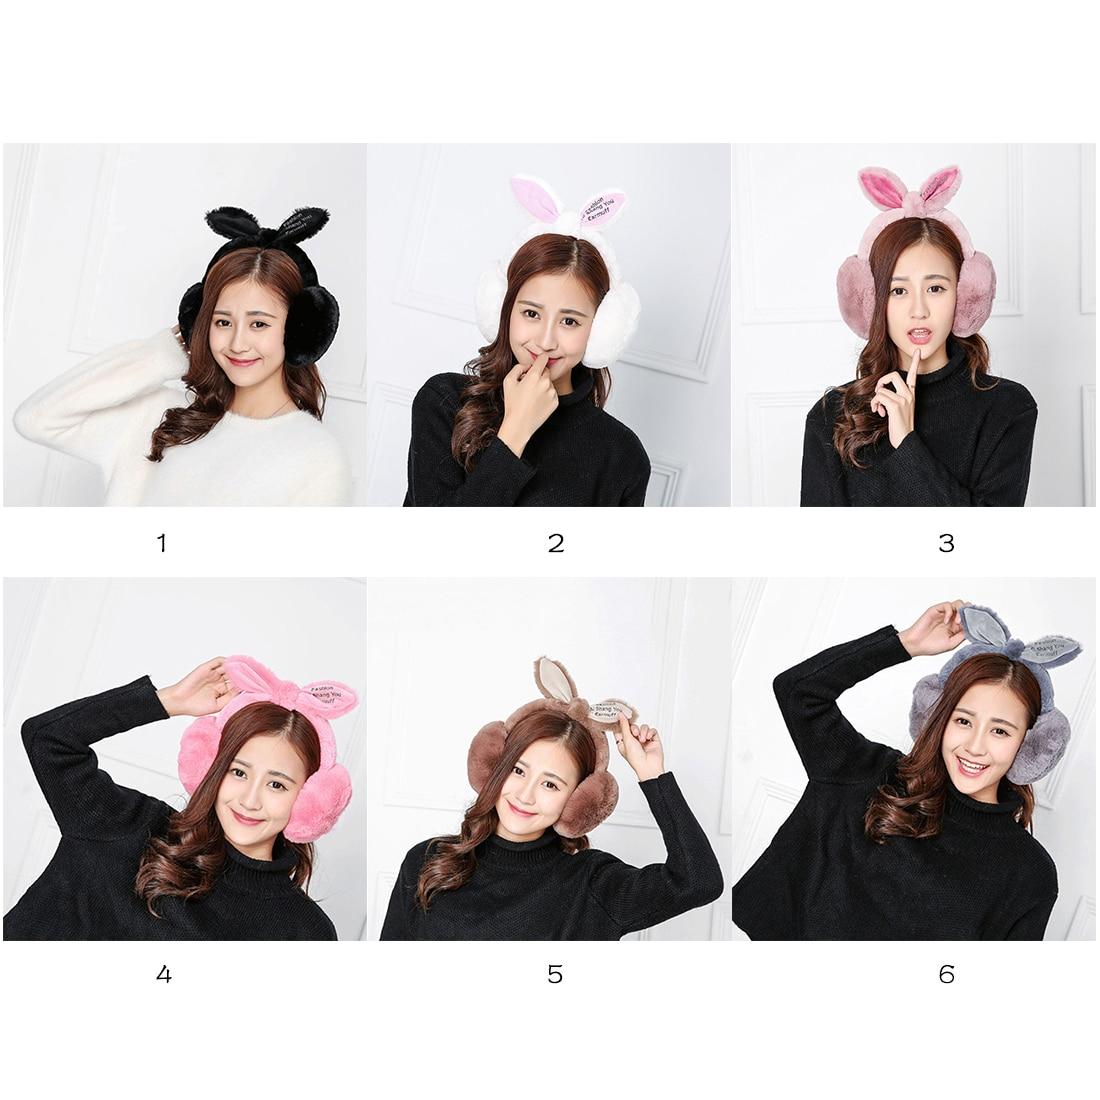 New Elegant Rabbit Fur Winter Earmuffs For Women Warm Earmuffs Ear Warmers Gifts For Girls Cover Ears